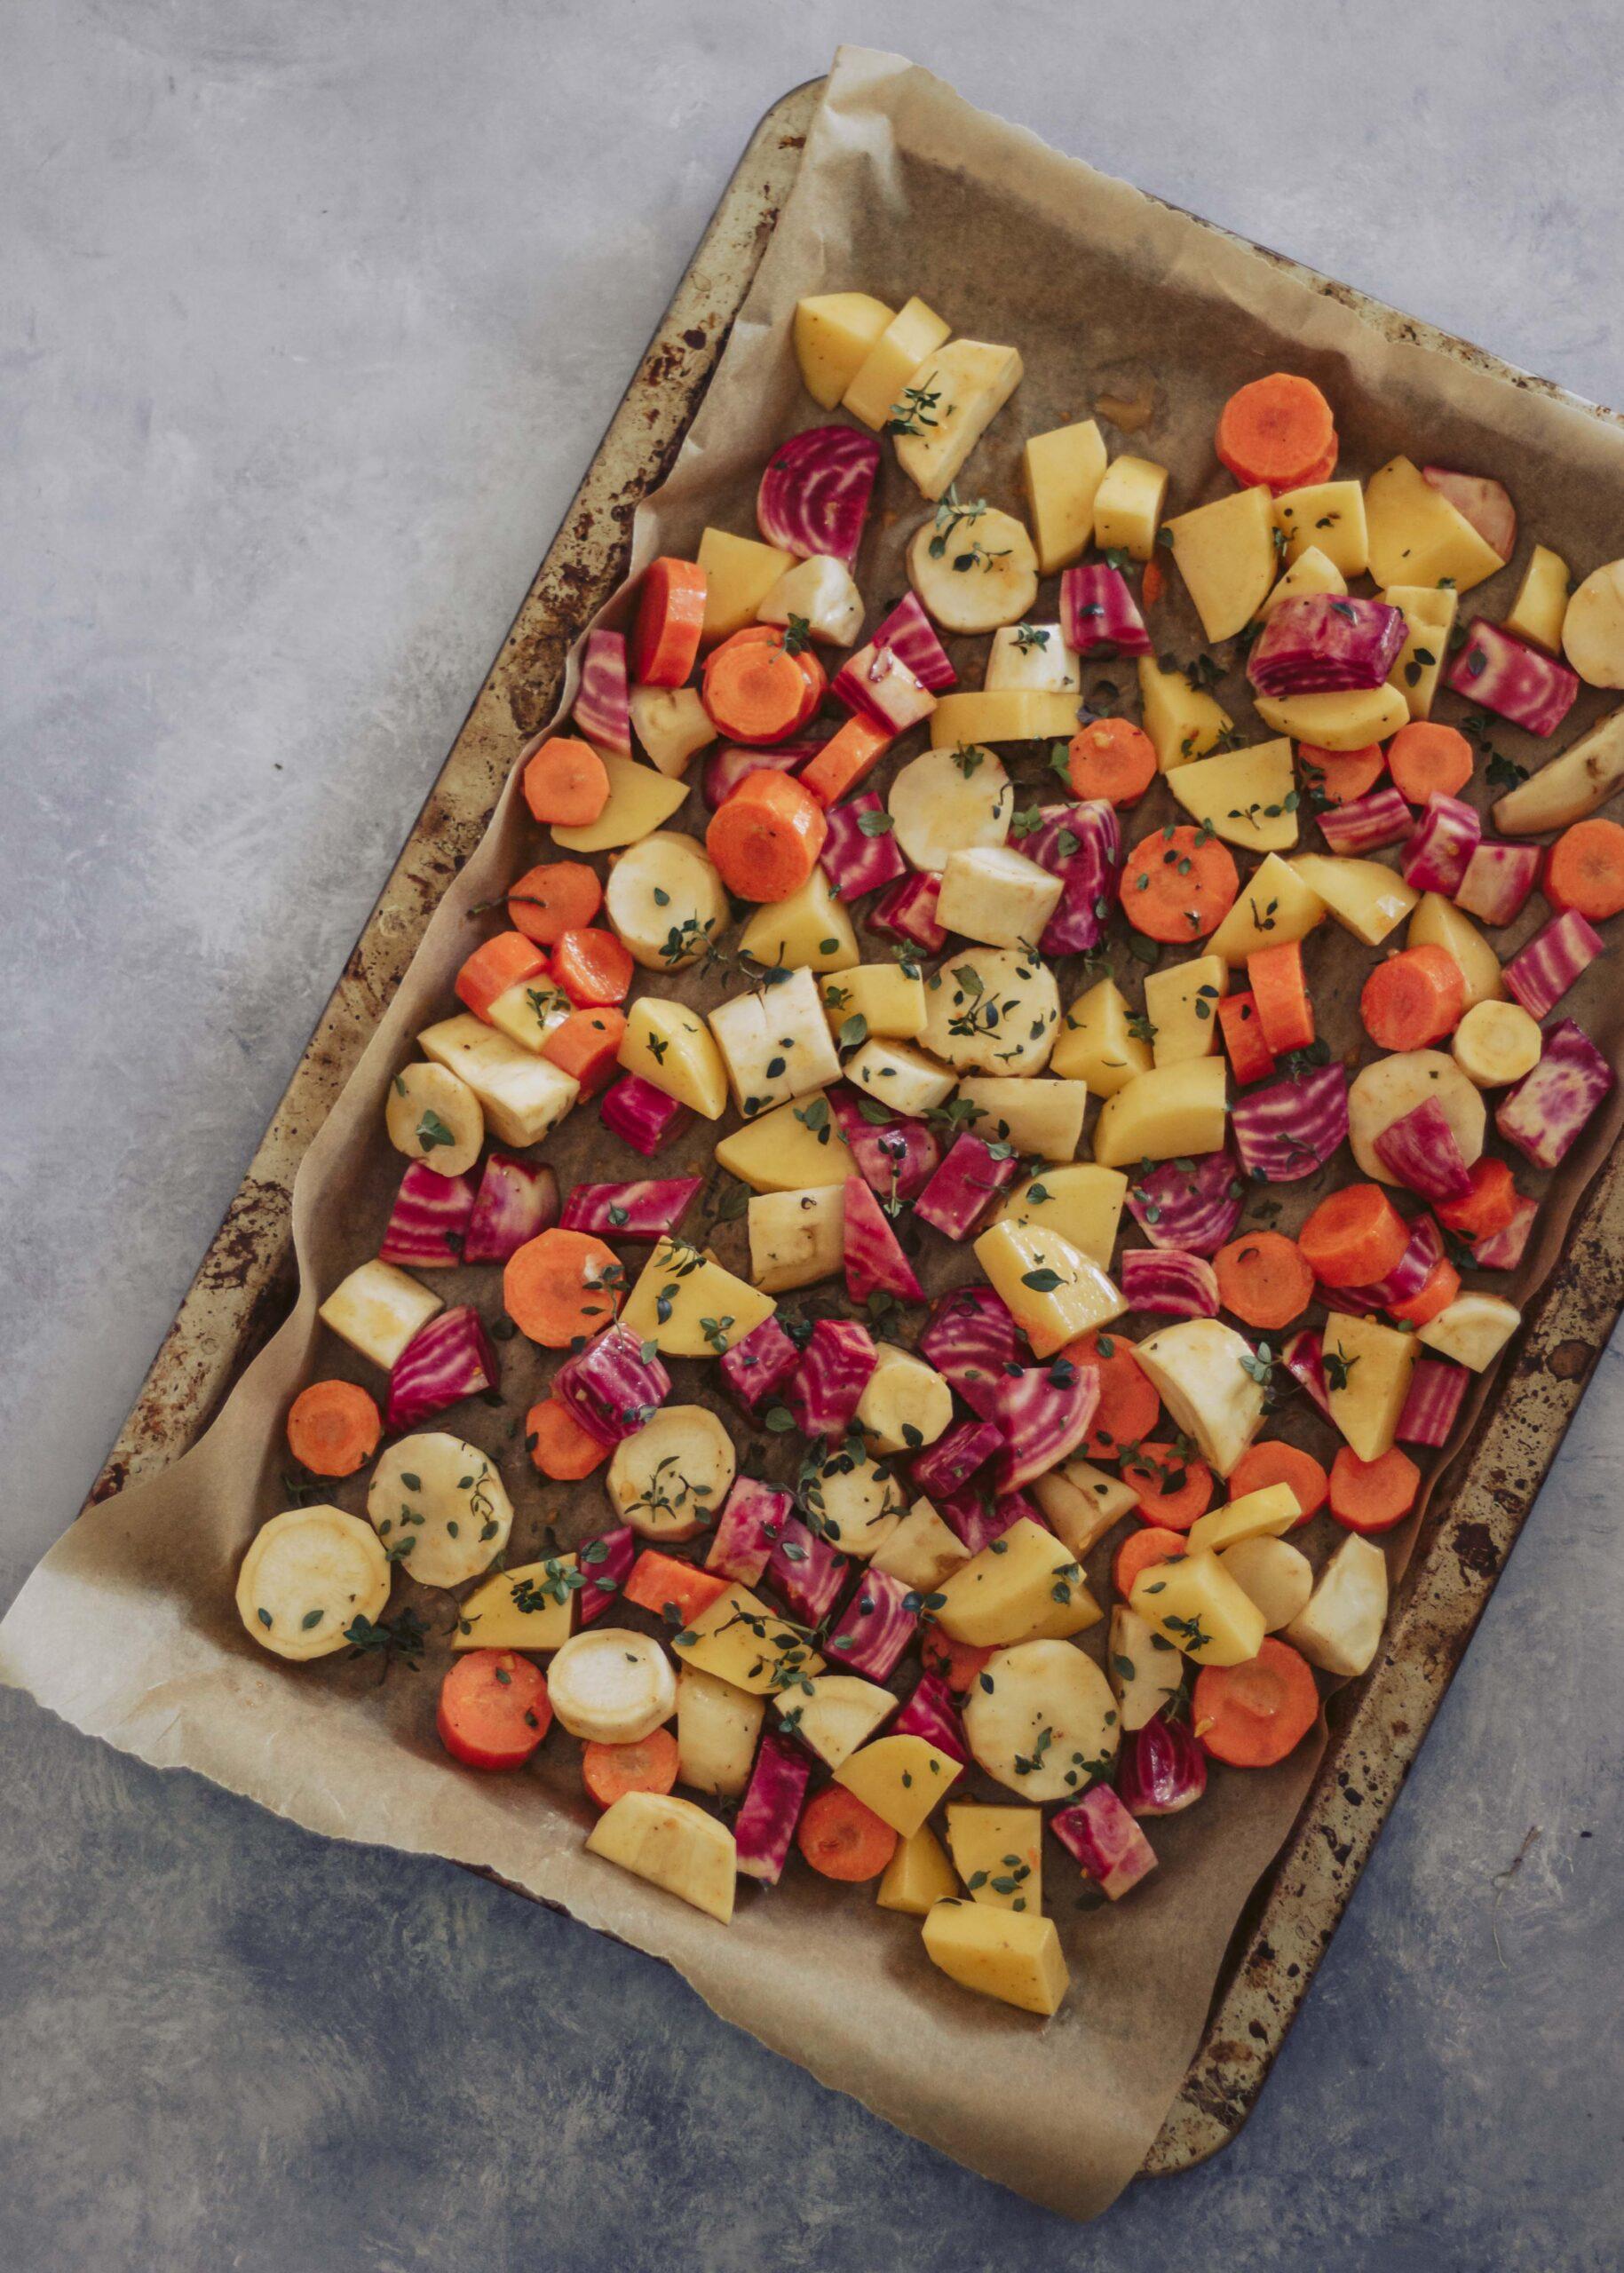 ovnbagte rodfrugter med timian og honning